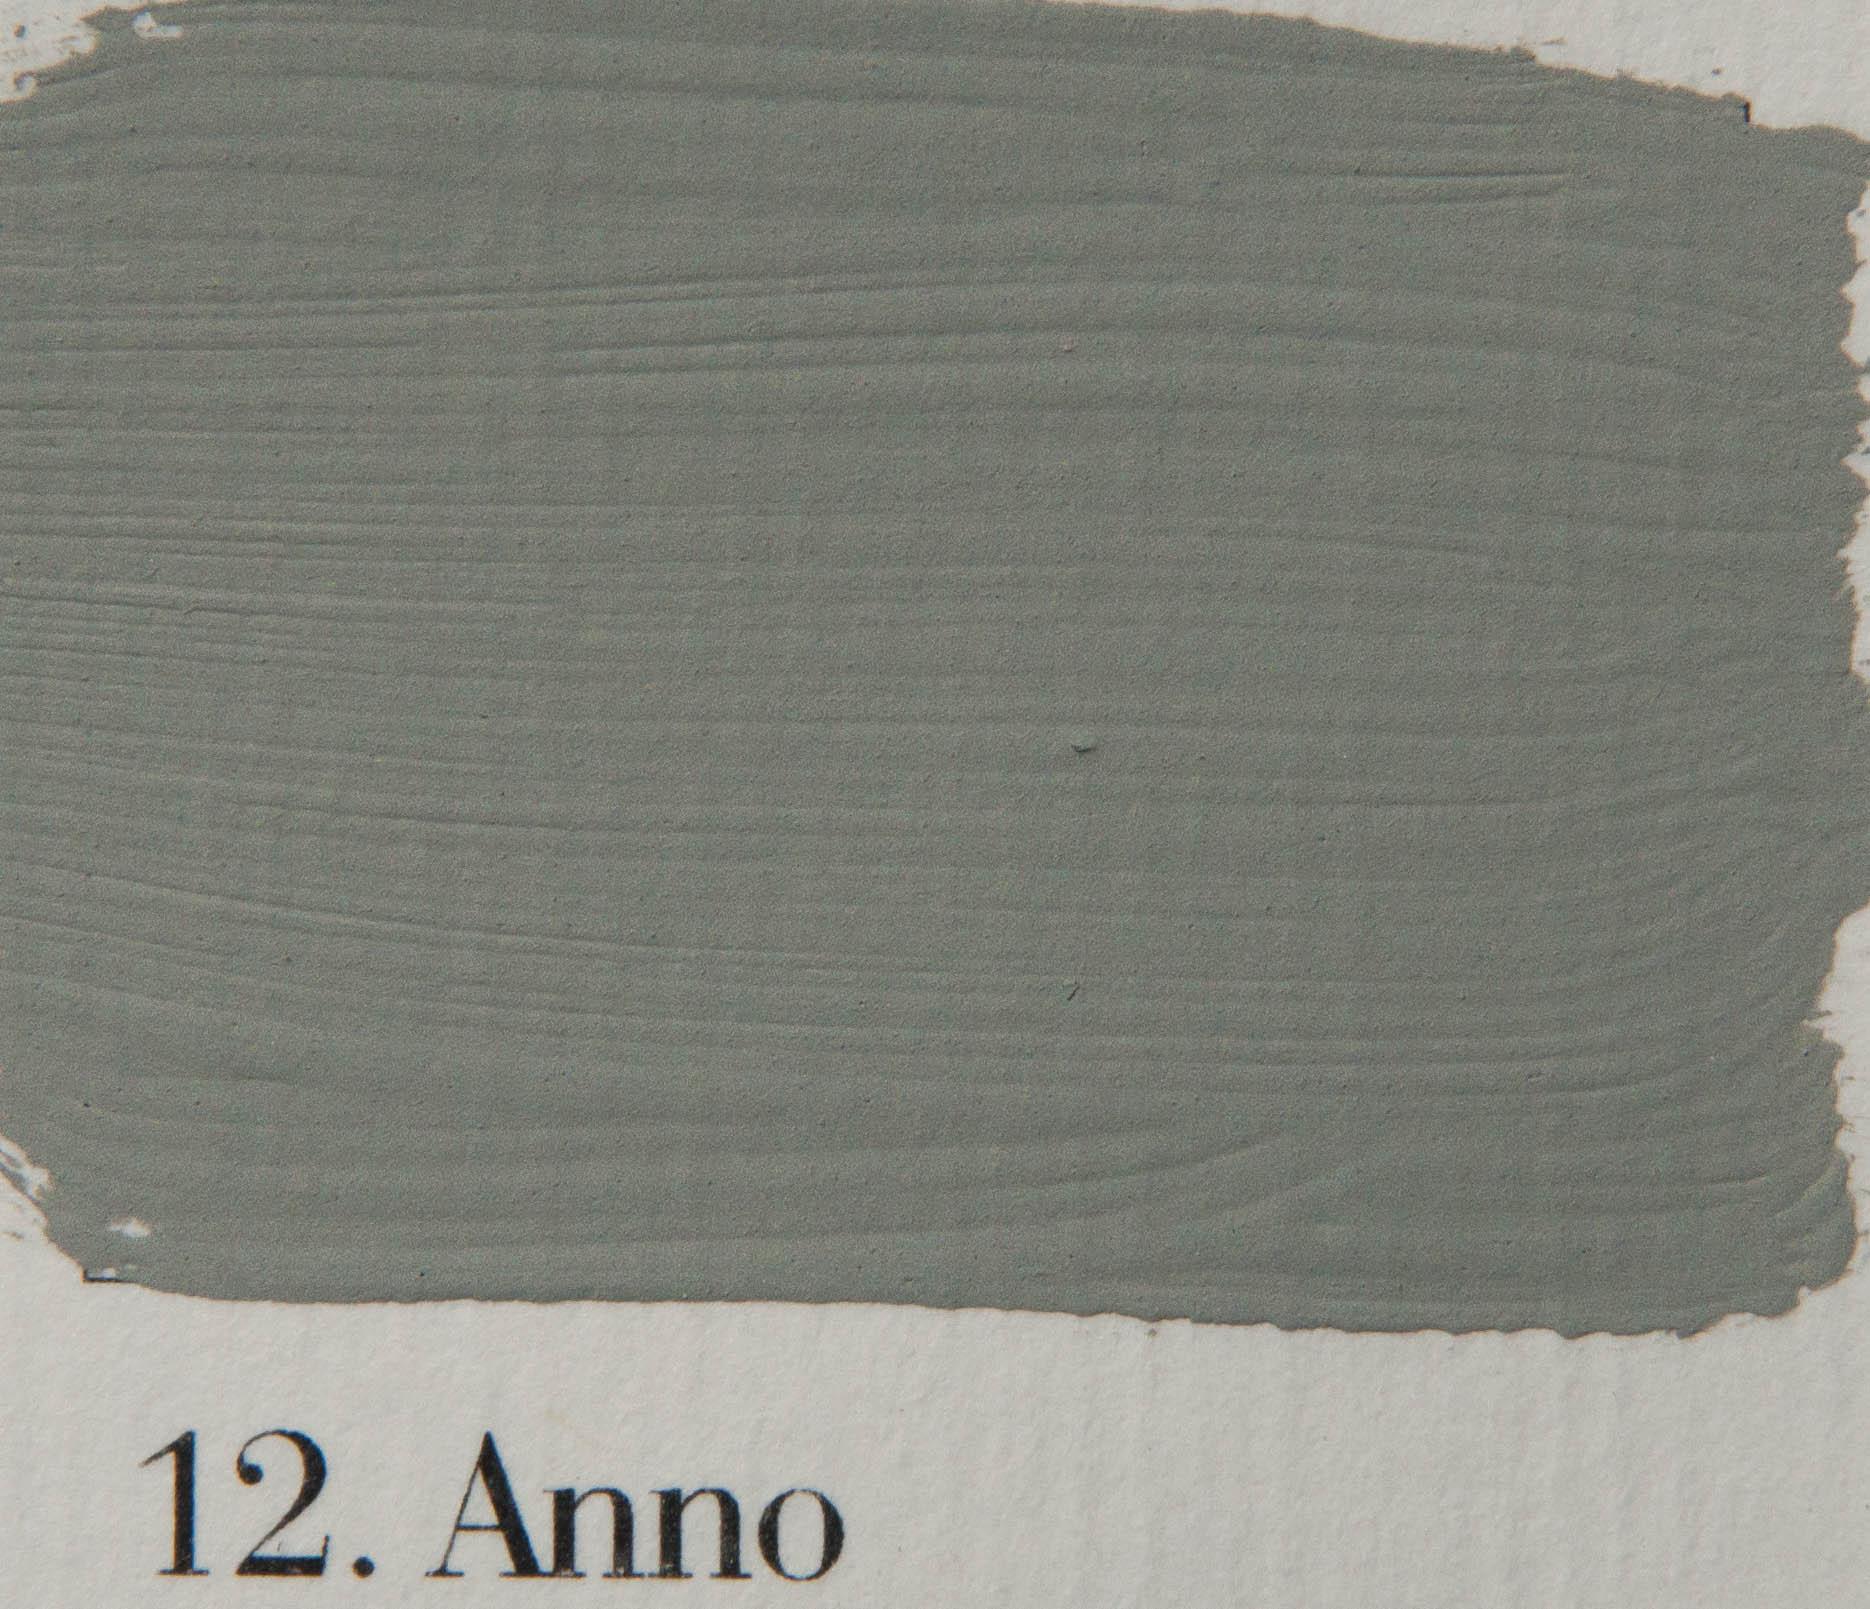 'l Authentique krijtverf 12. Anno